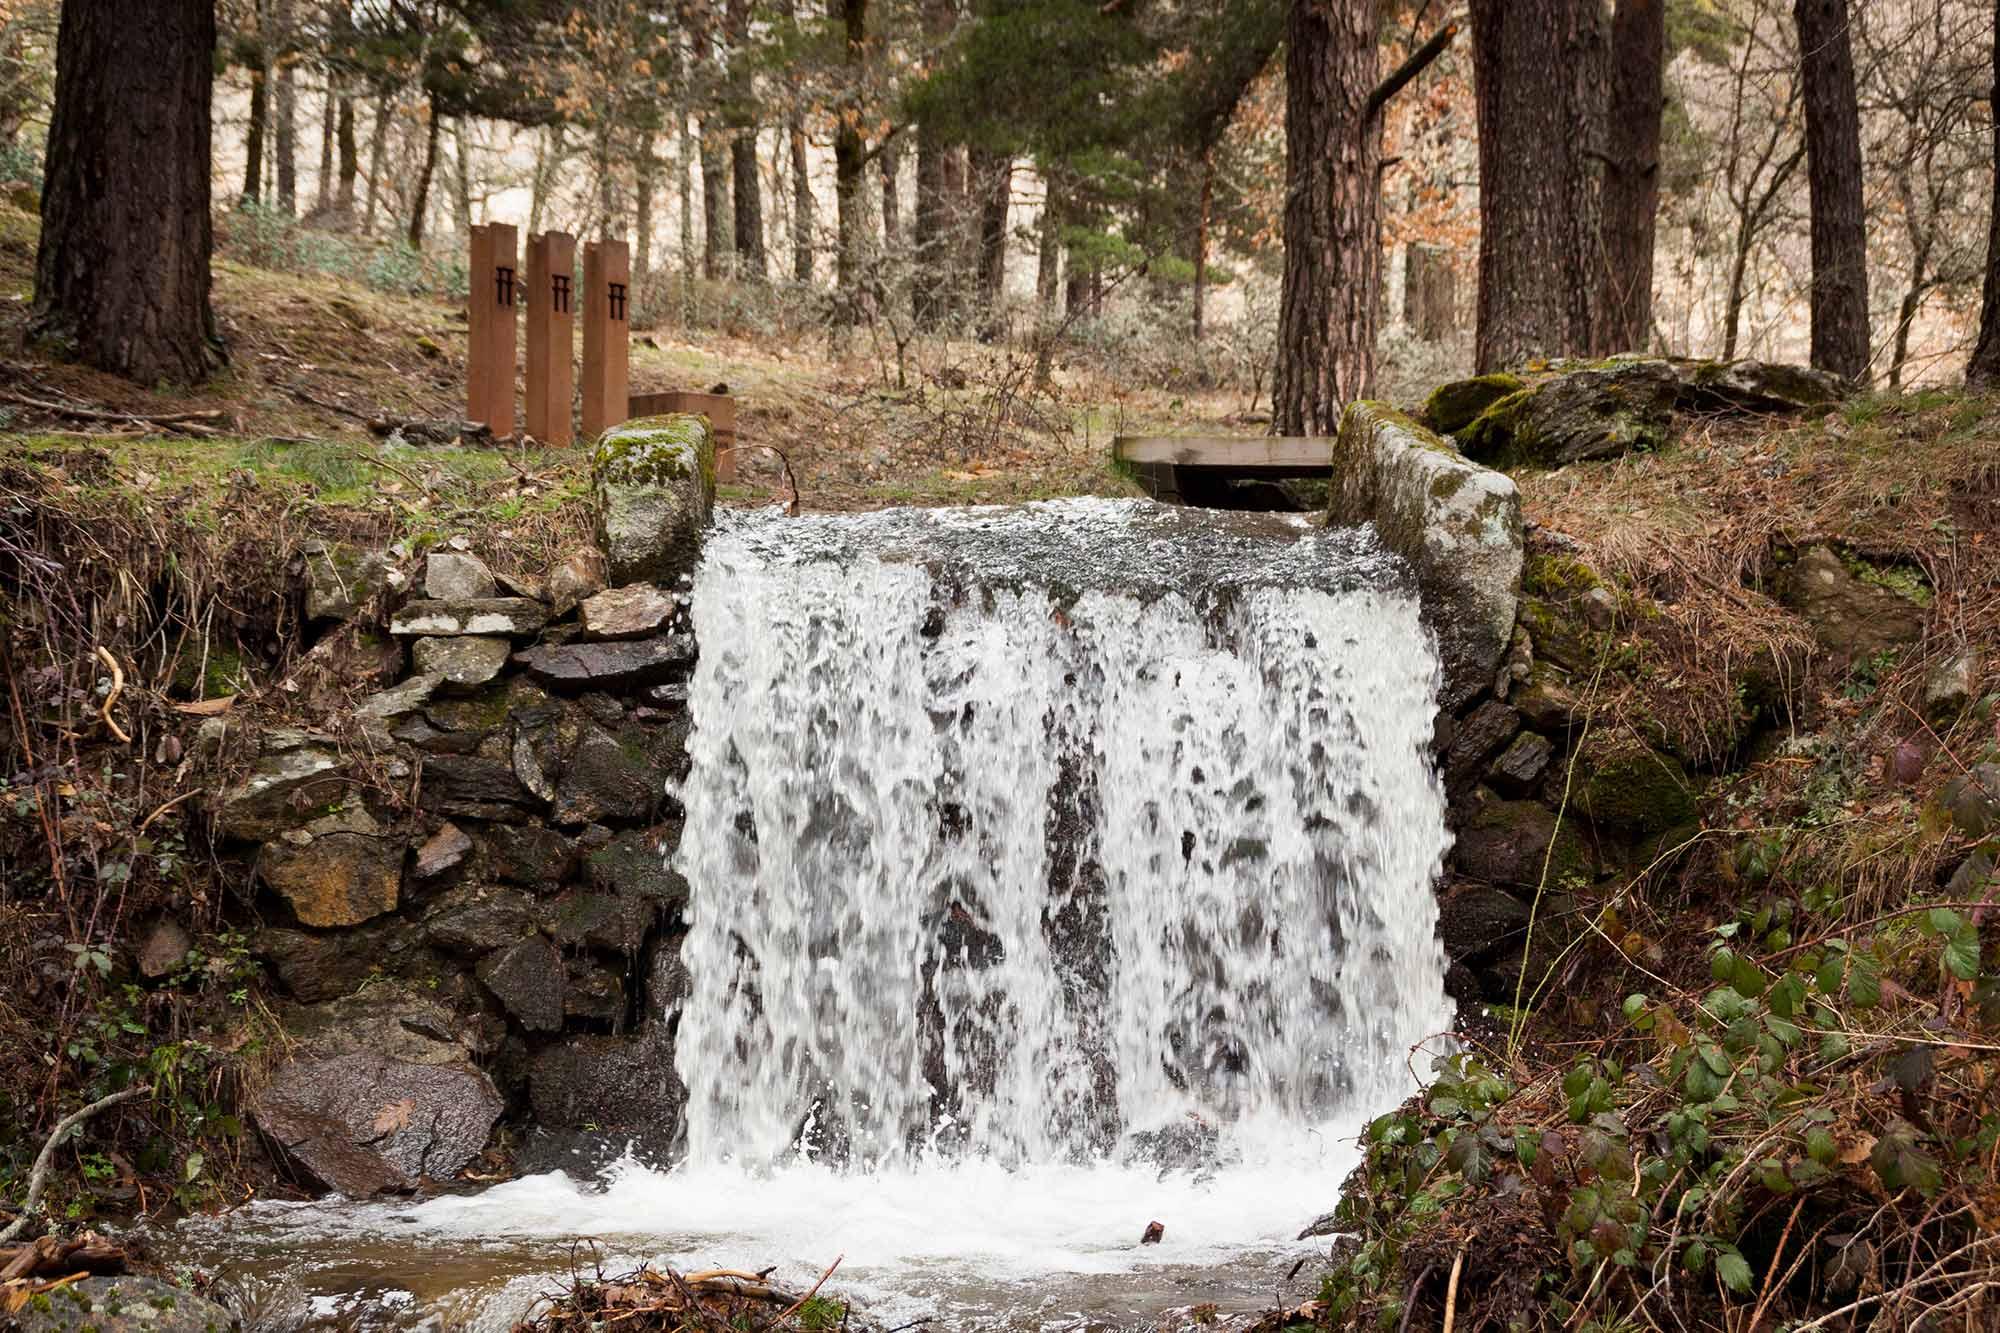 Una de las muchas cascadas de la Sierra del Guadarrama que puedes encontrarte durante la ruta. Foto: Shutterstock.